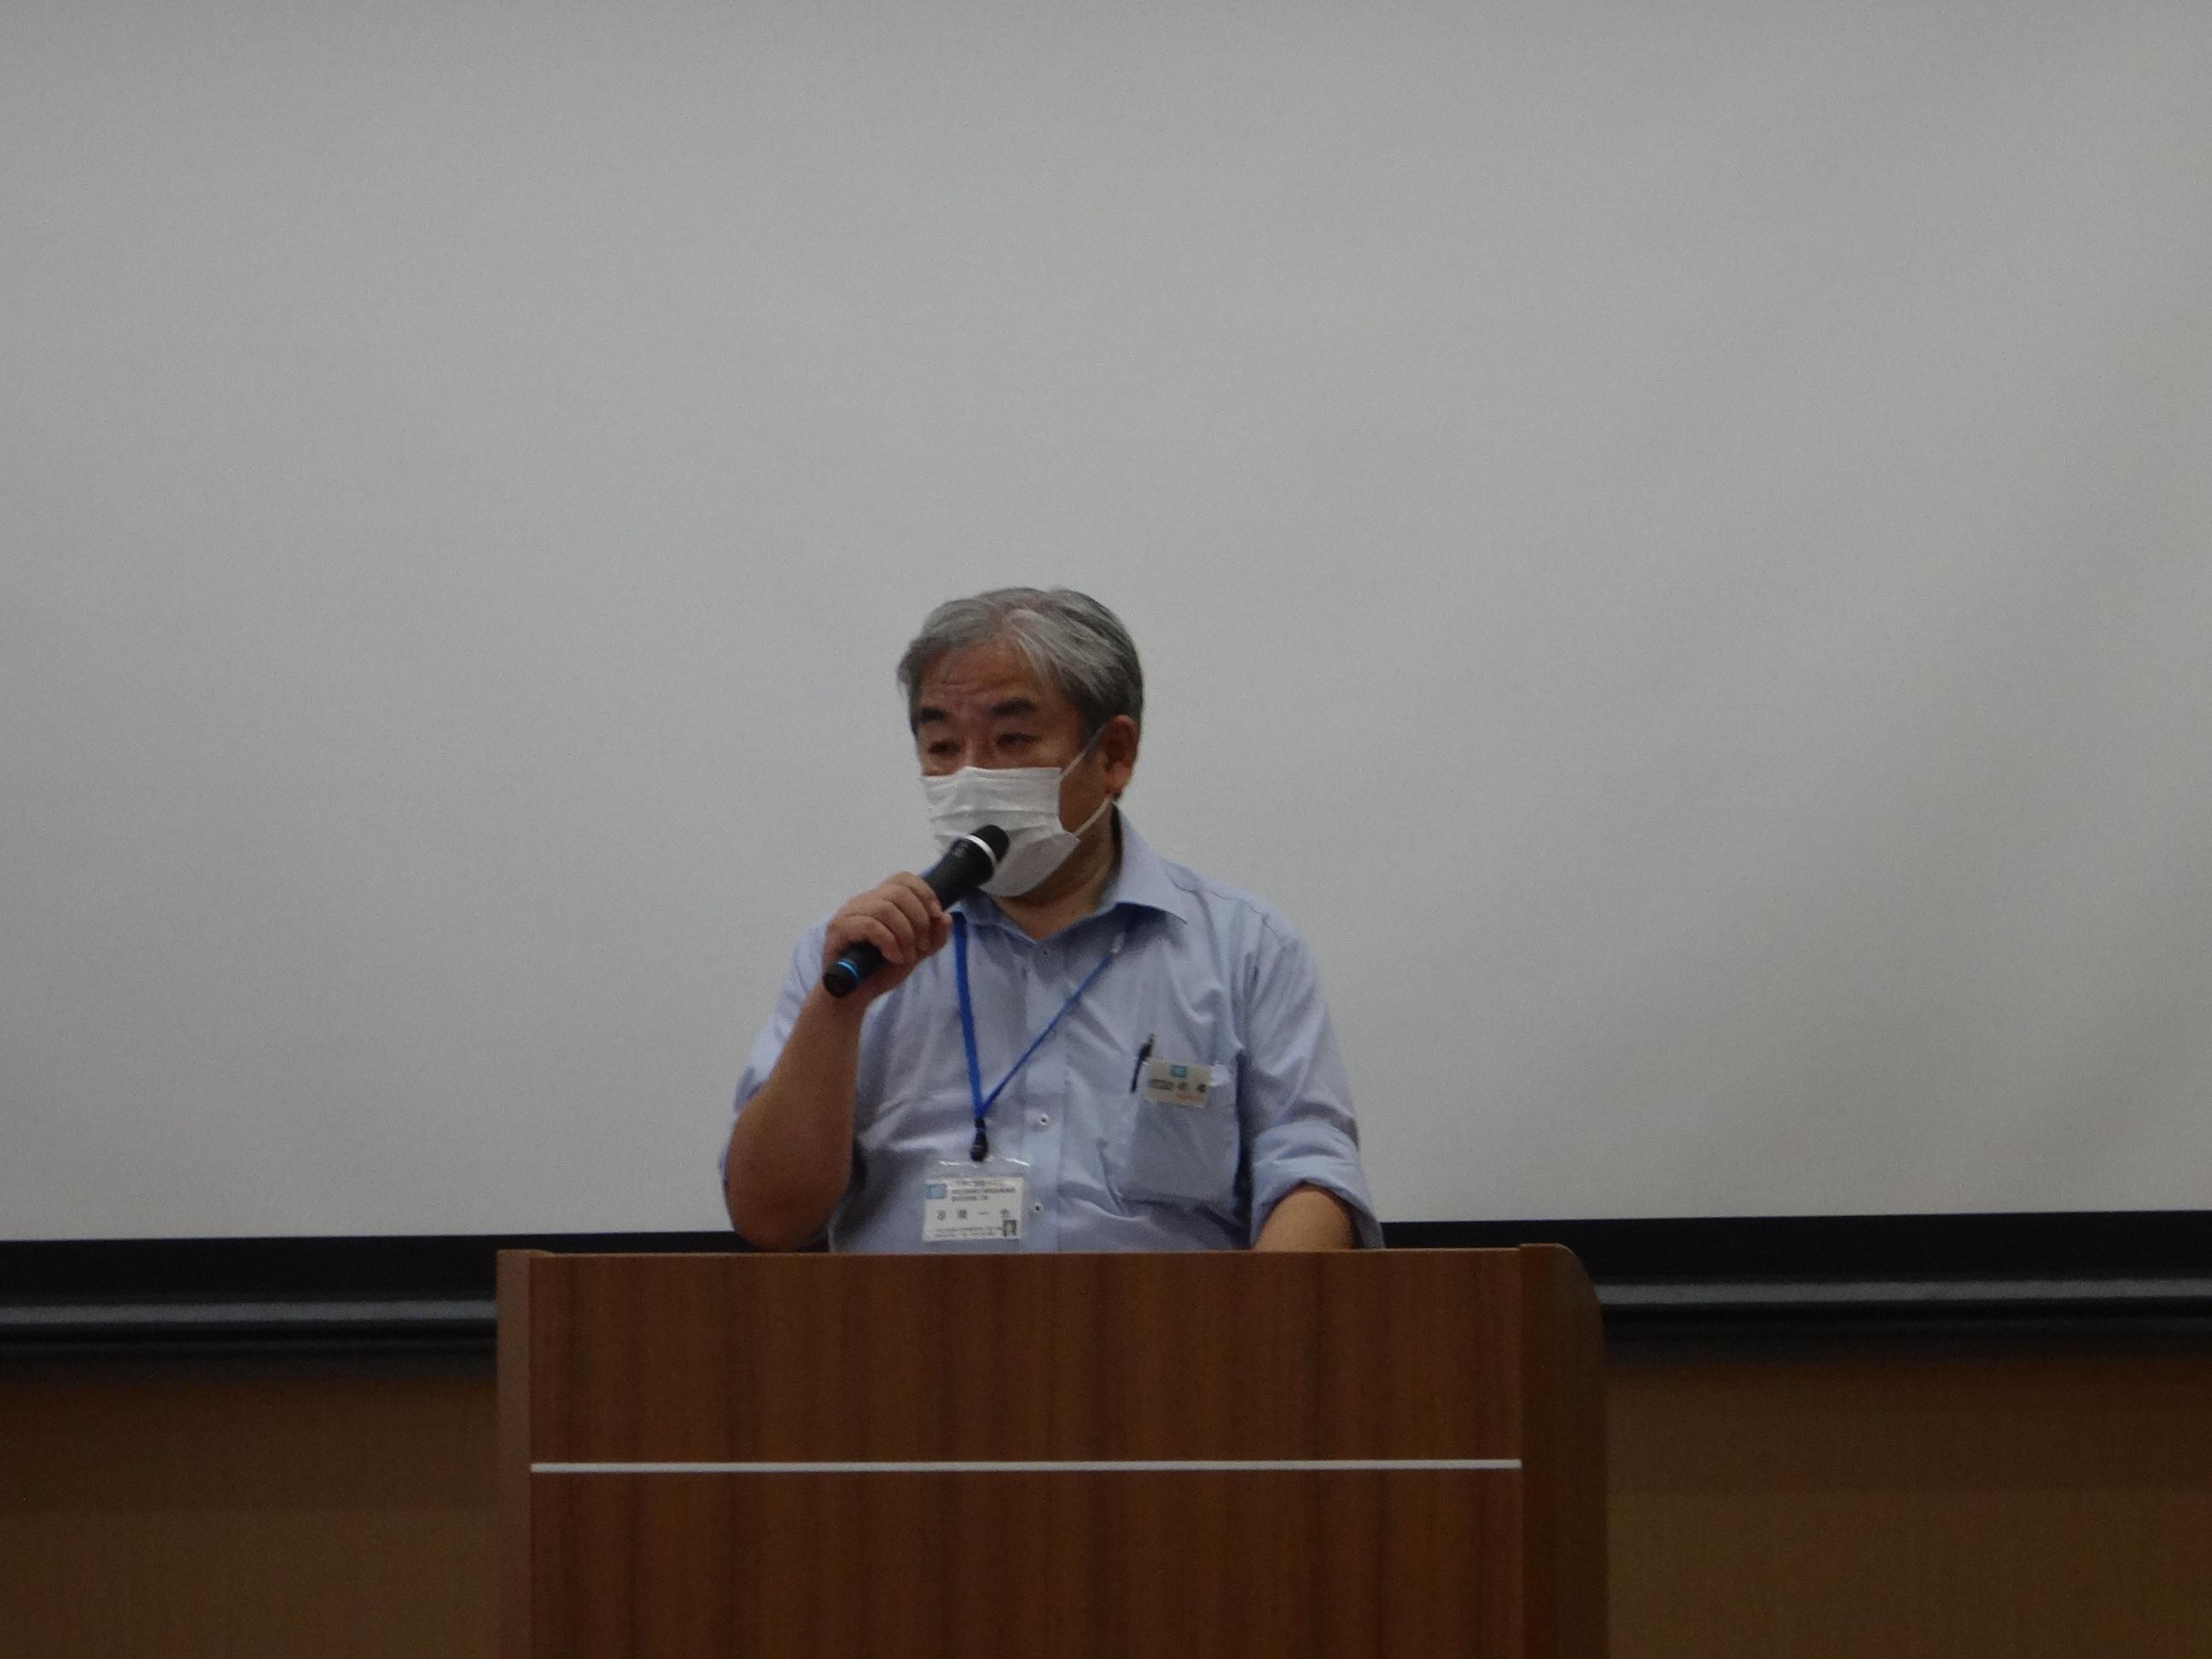 岩橋さんが大雨時の対策としての諸注意、ため池事前点検、ため池治水活用拡大促進事業について説明されました。